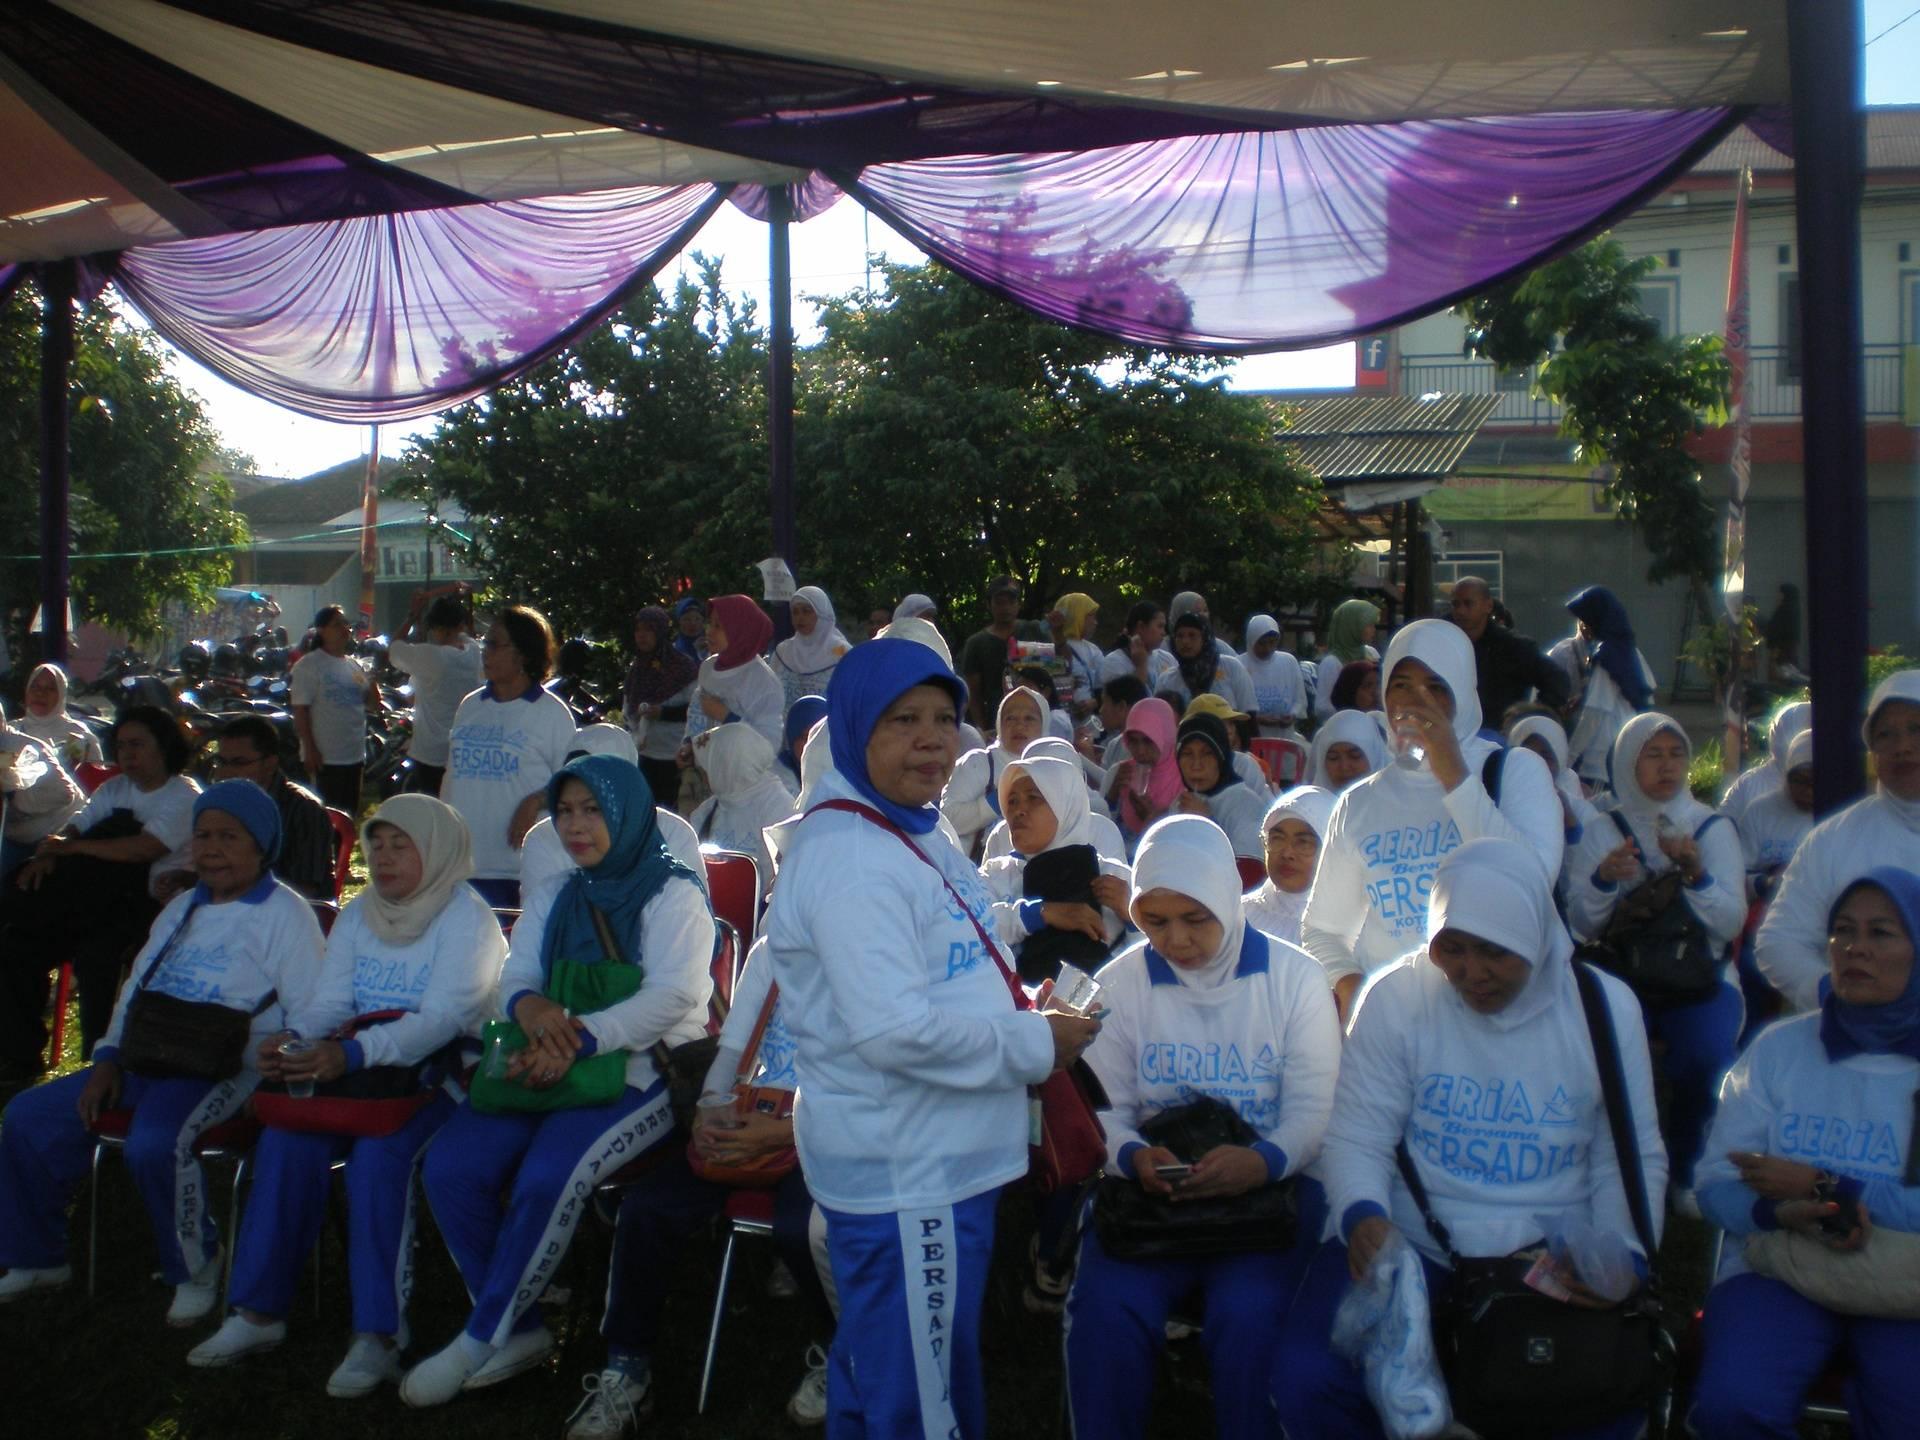 Mengikutsertakan Peserta Prolanis Klinik Qita di kegiatan Persadia Cabang Depok